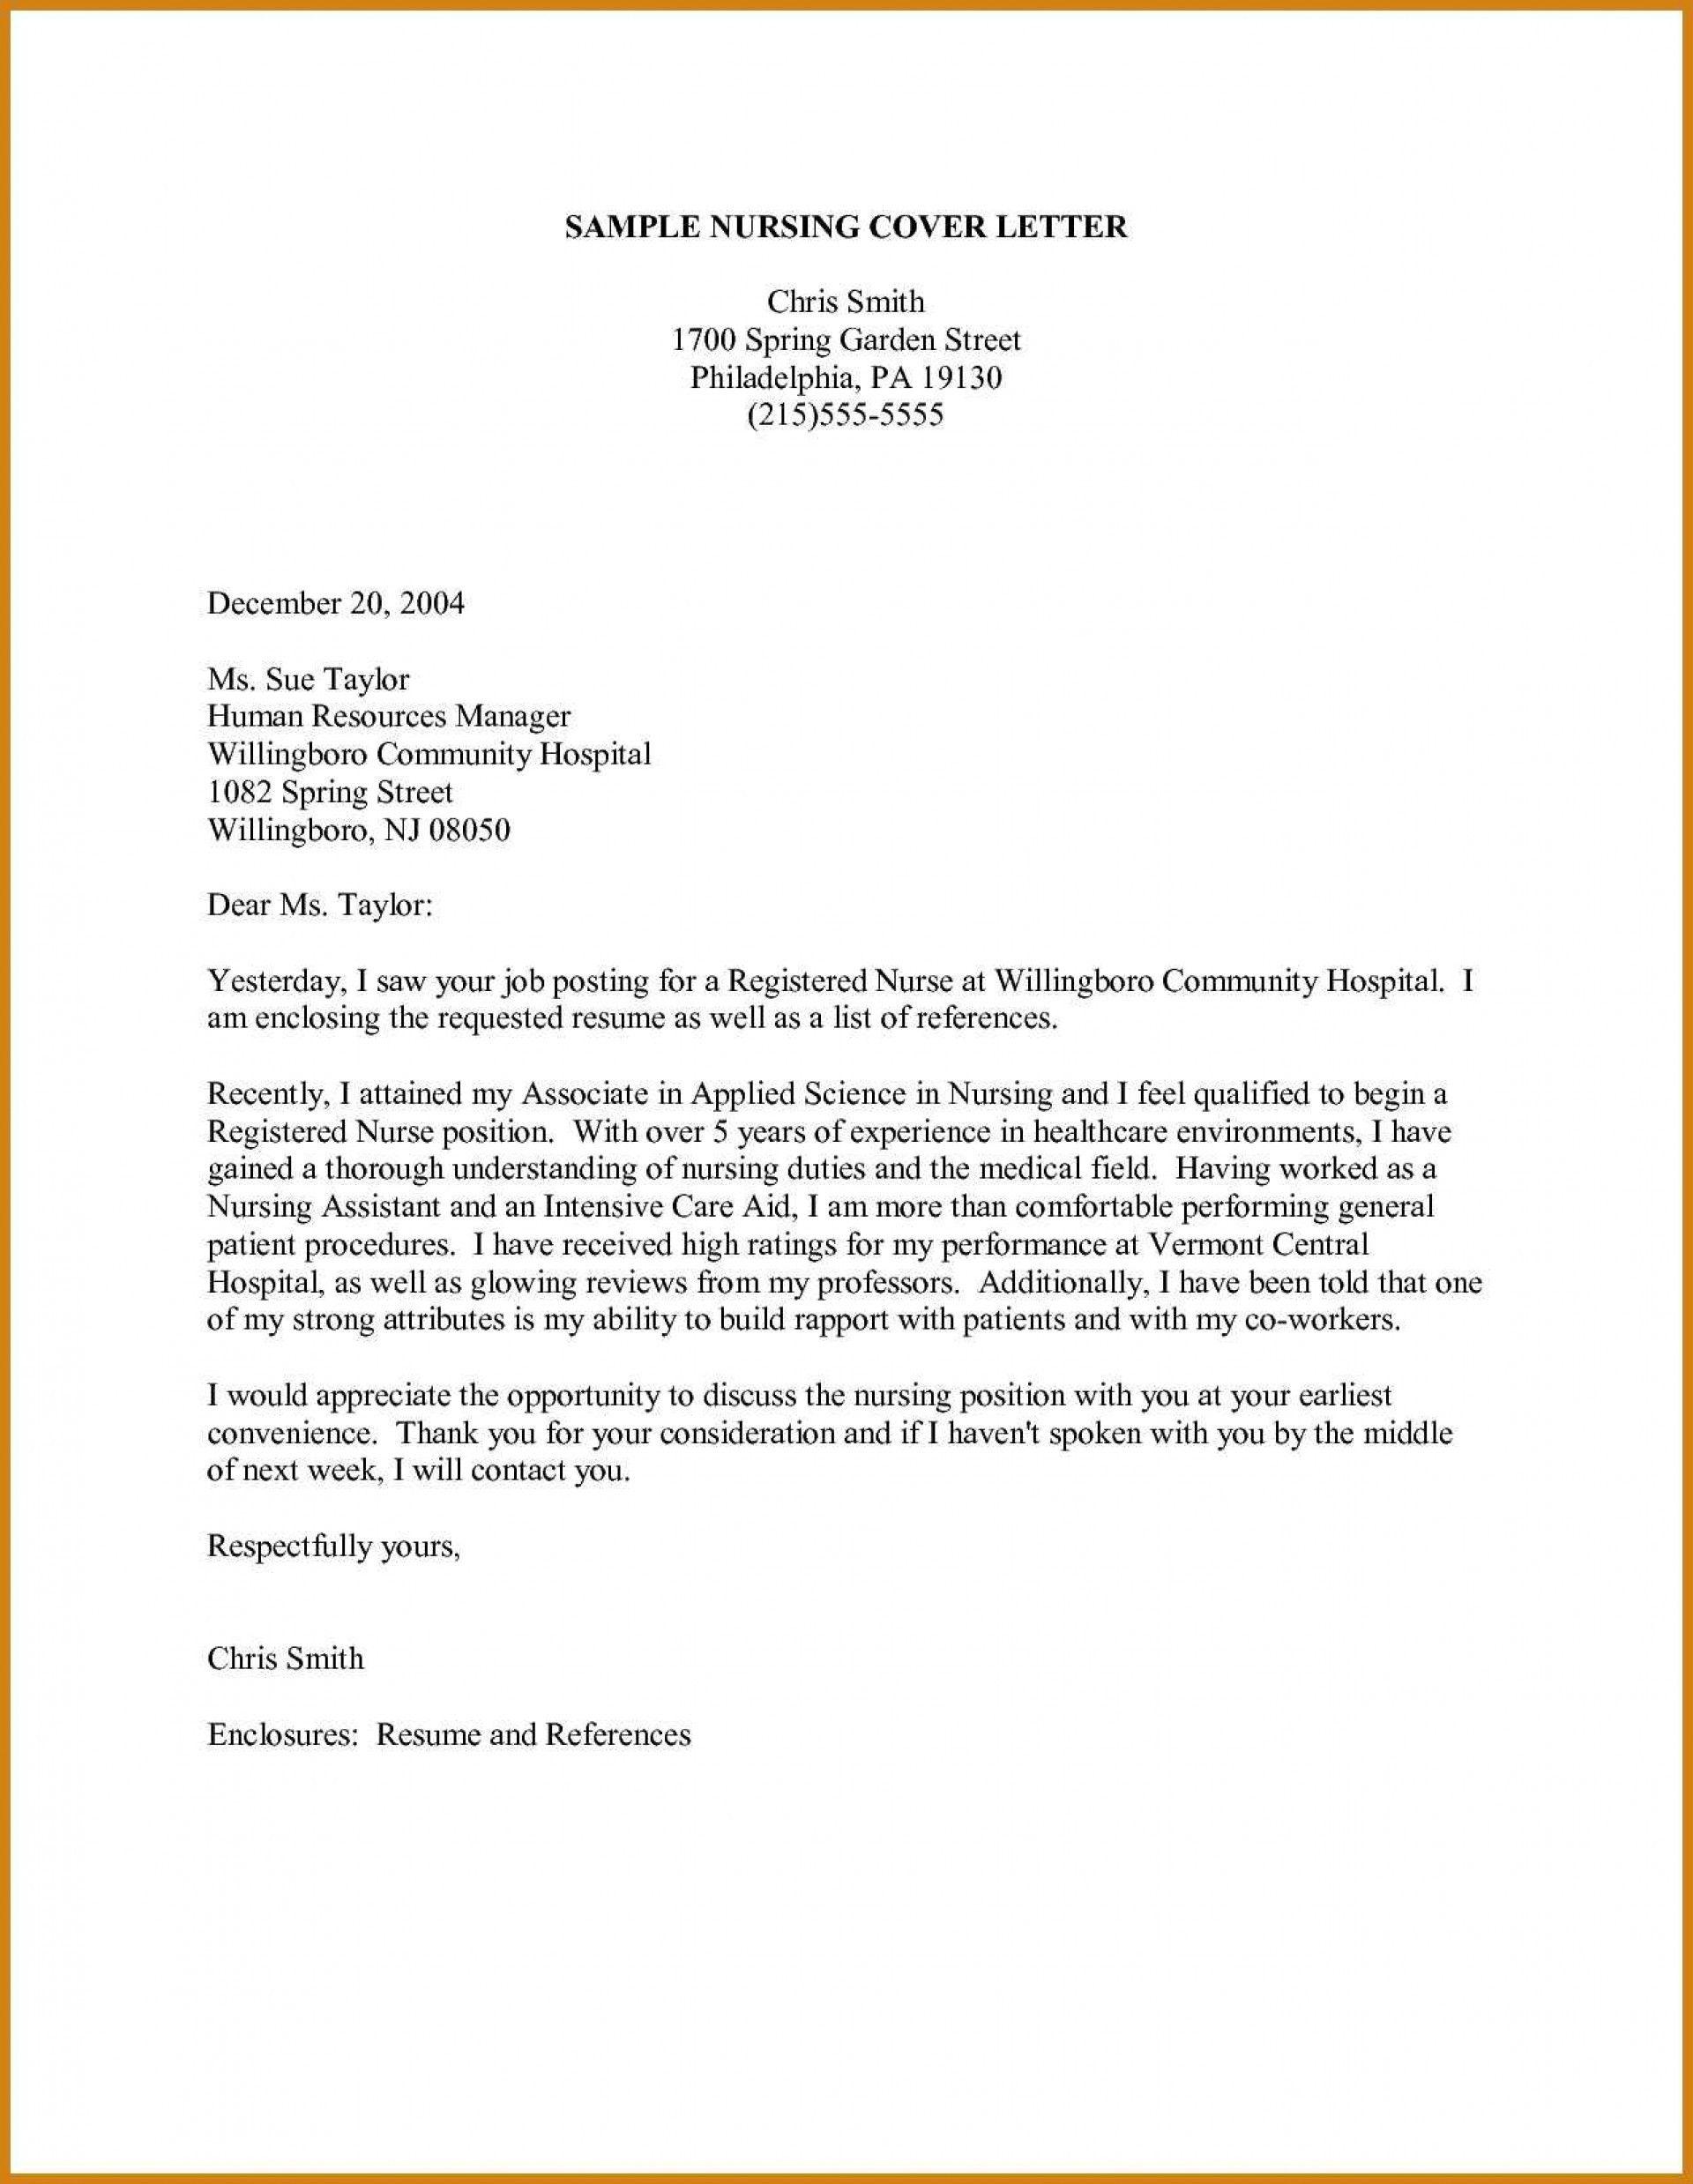 26 Nurse Cover Letter Nursing Cover Letter Cover Letter For Resume Cover Letter Template Free